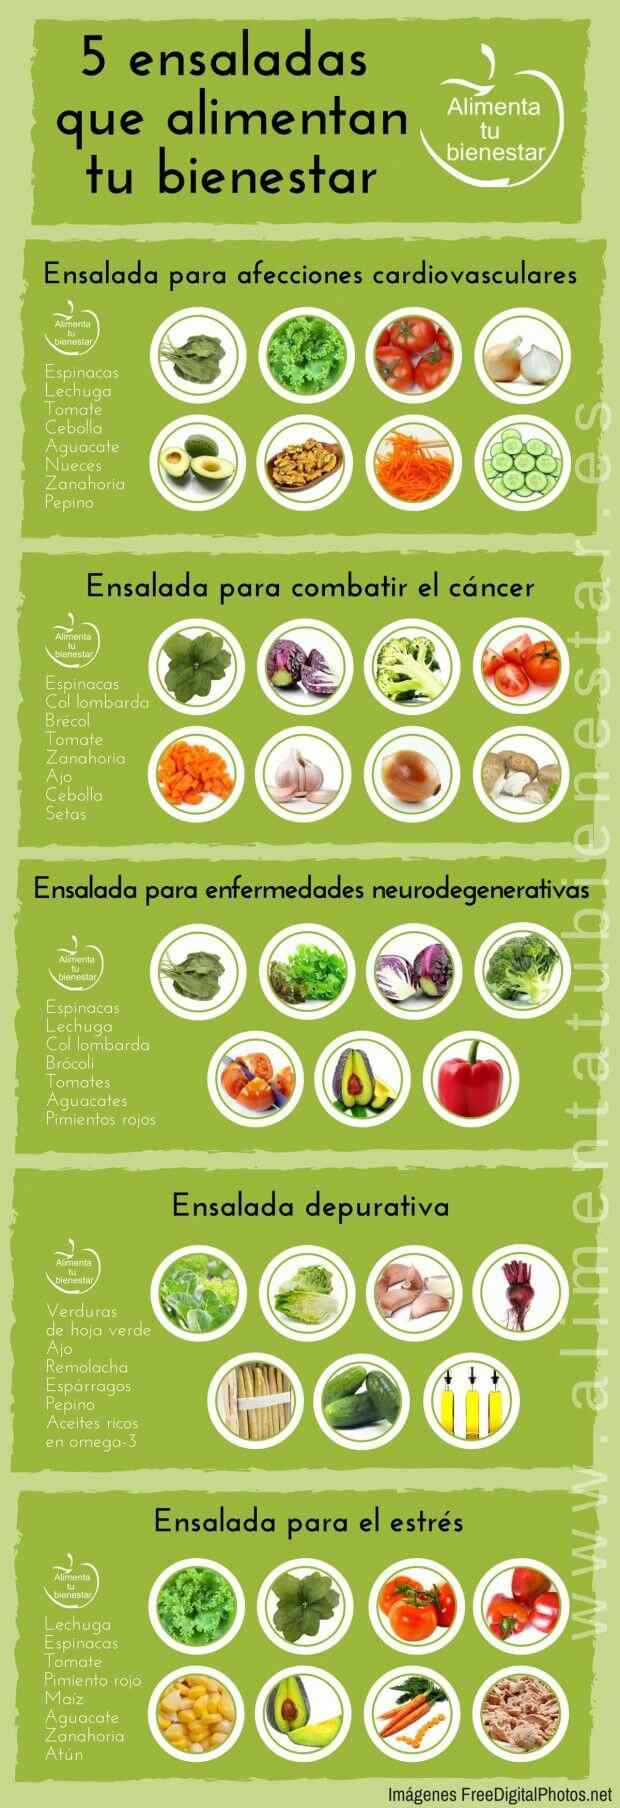 Infografia-Ensaladas-que-alimentan-tu-salud-y-bienestar-620x1808